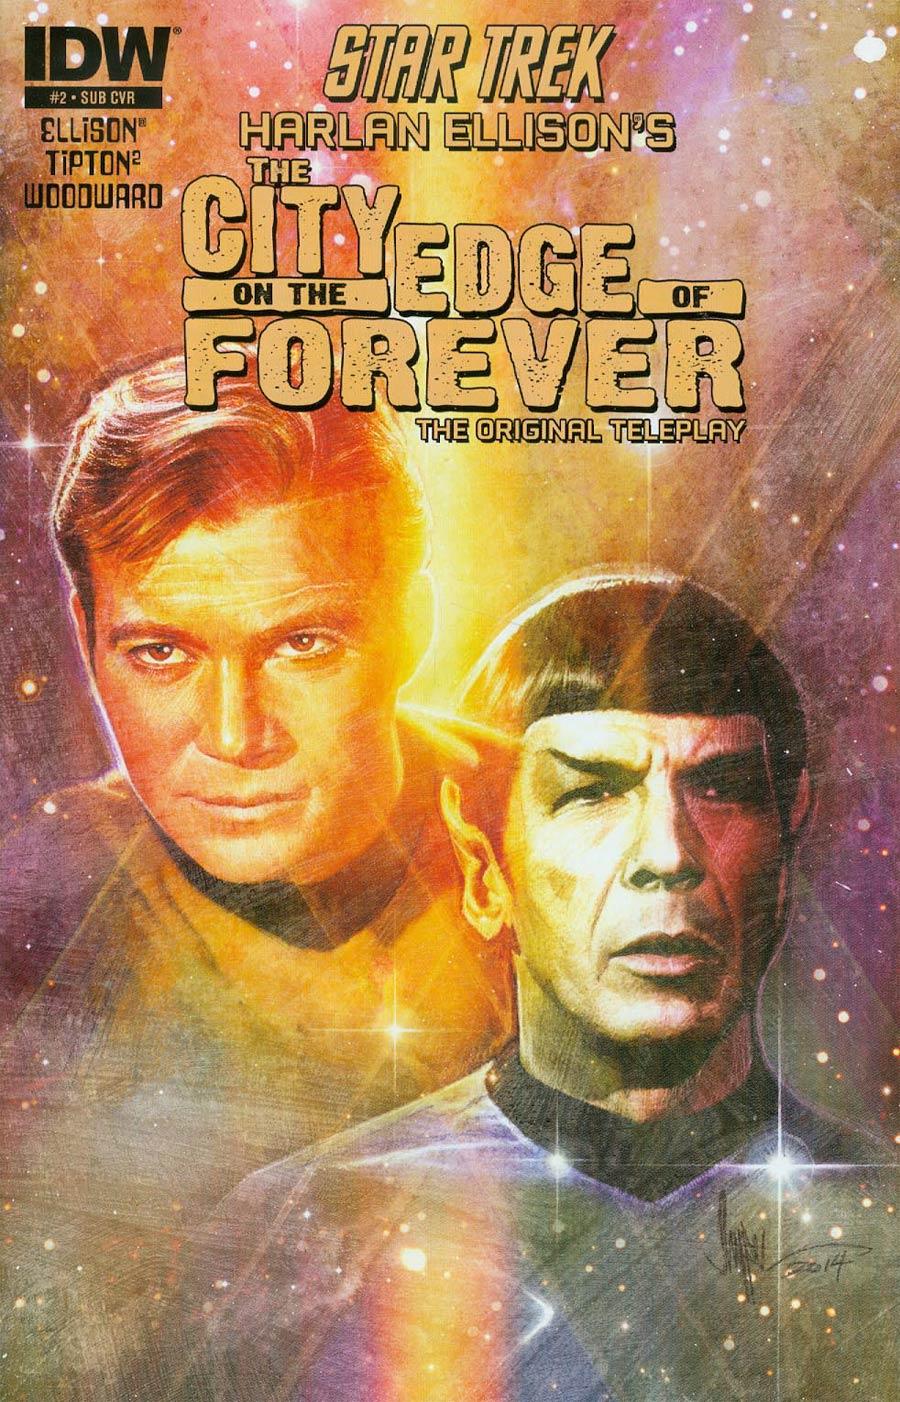 Star Trek Harlan Ellisons City On The Edge Of Forever Original Teleplay #2 Cover B Variant Paul Shipper Subscription Cover